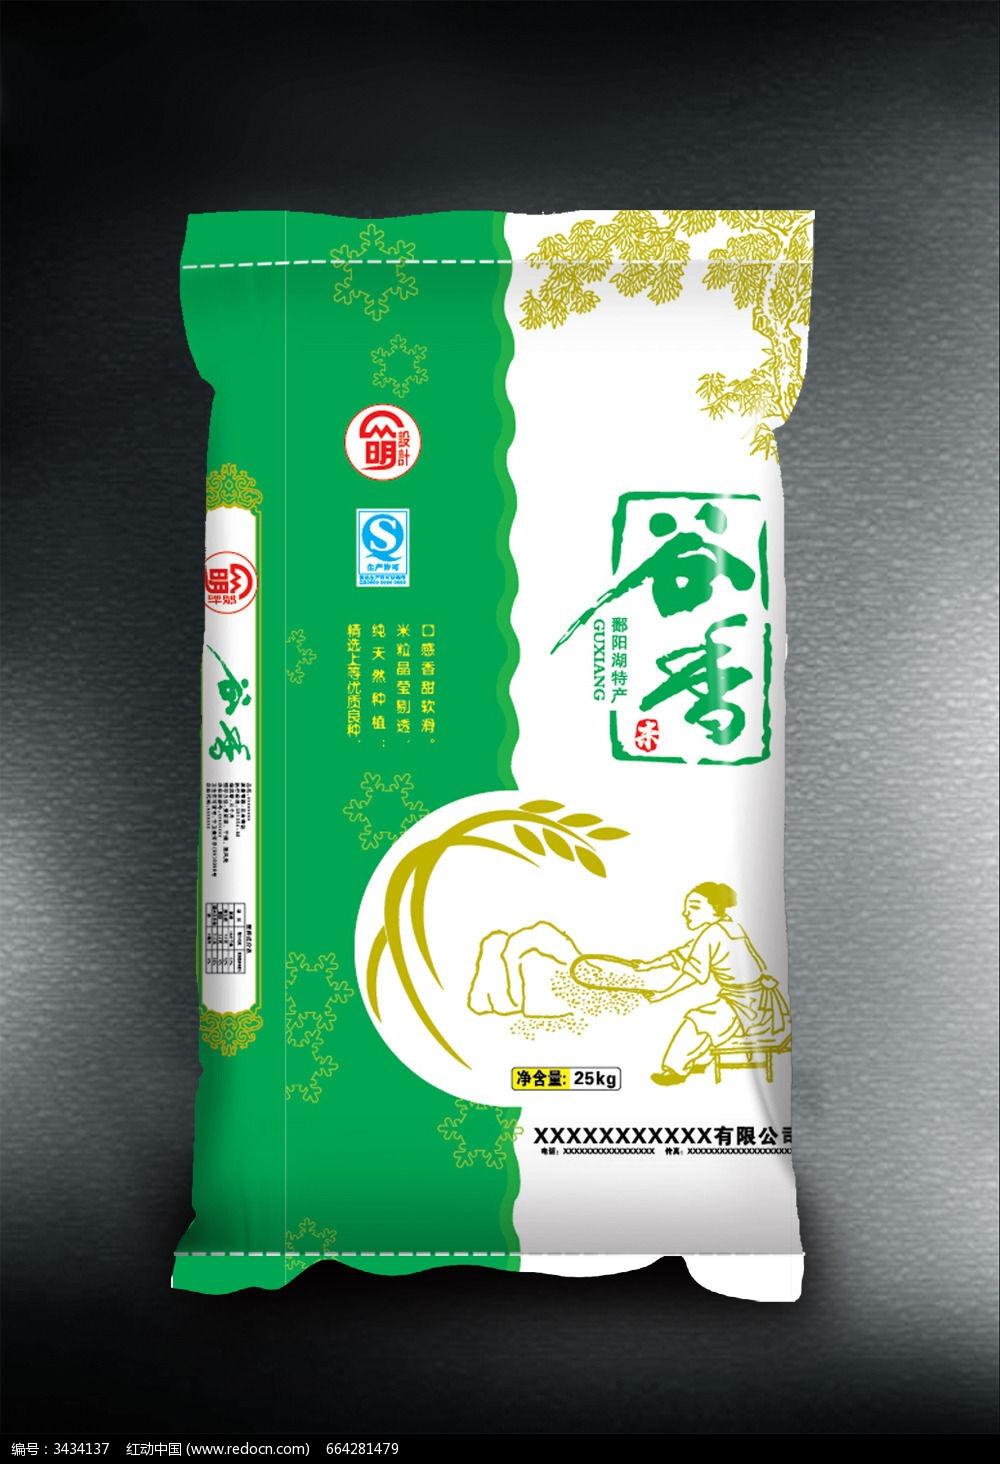 标签:大米包装设计 大米包装 大米展开图 大米袋子 袋子印刷